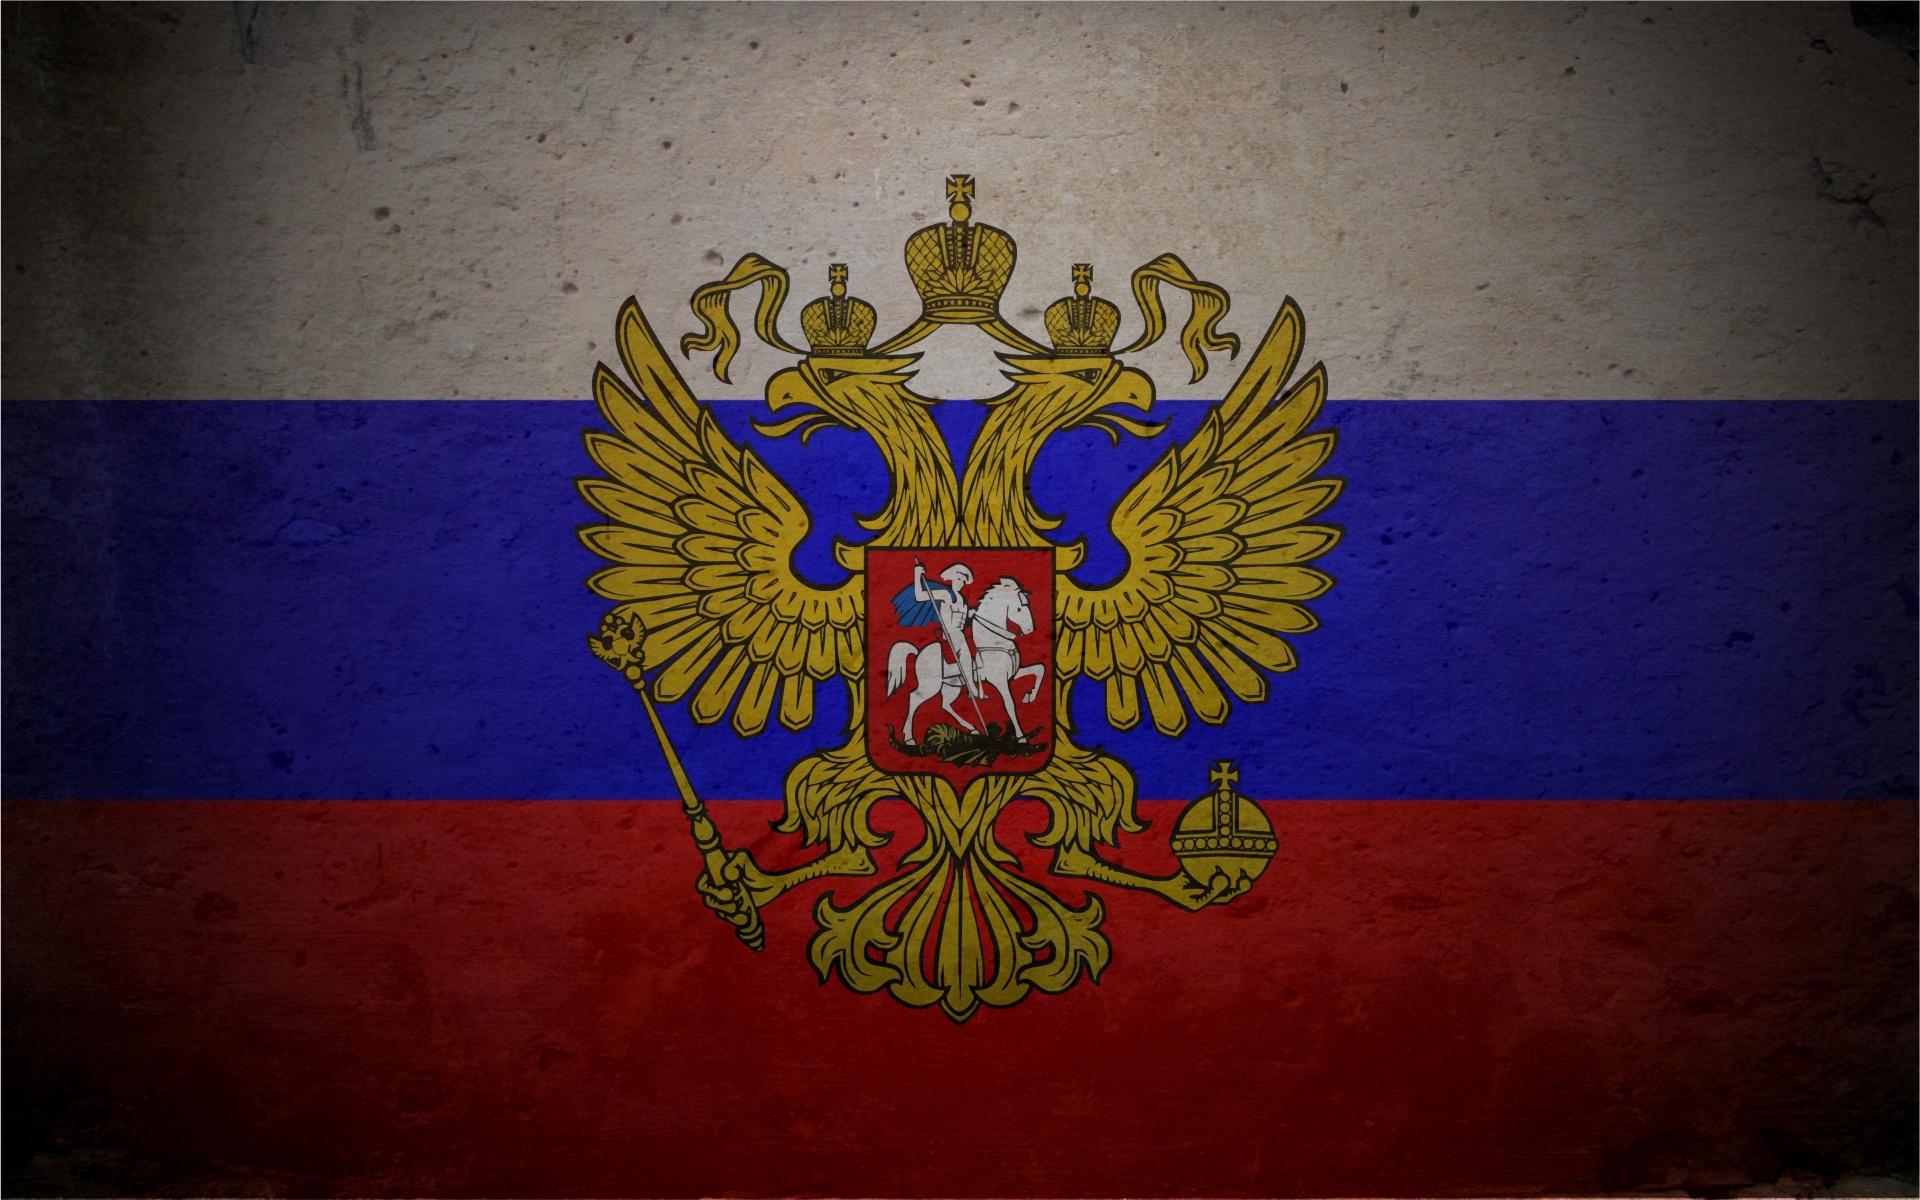 Обои на рабочий стол с гербом россии